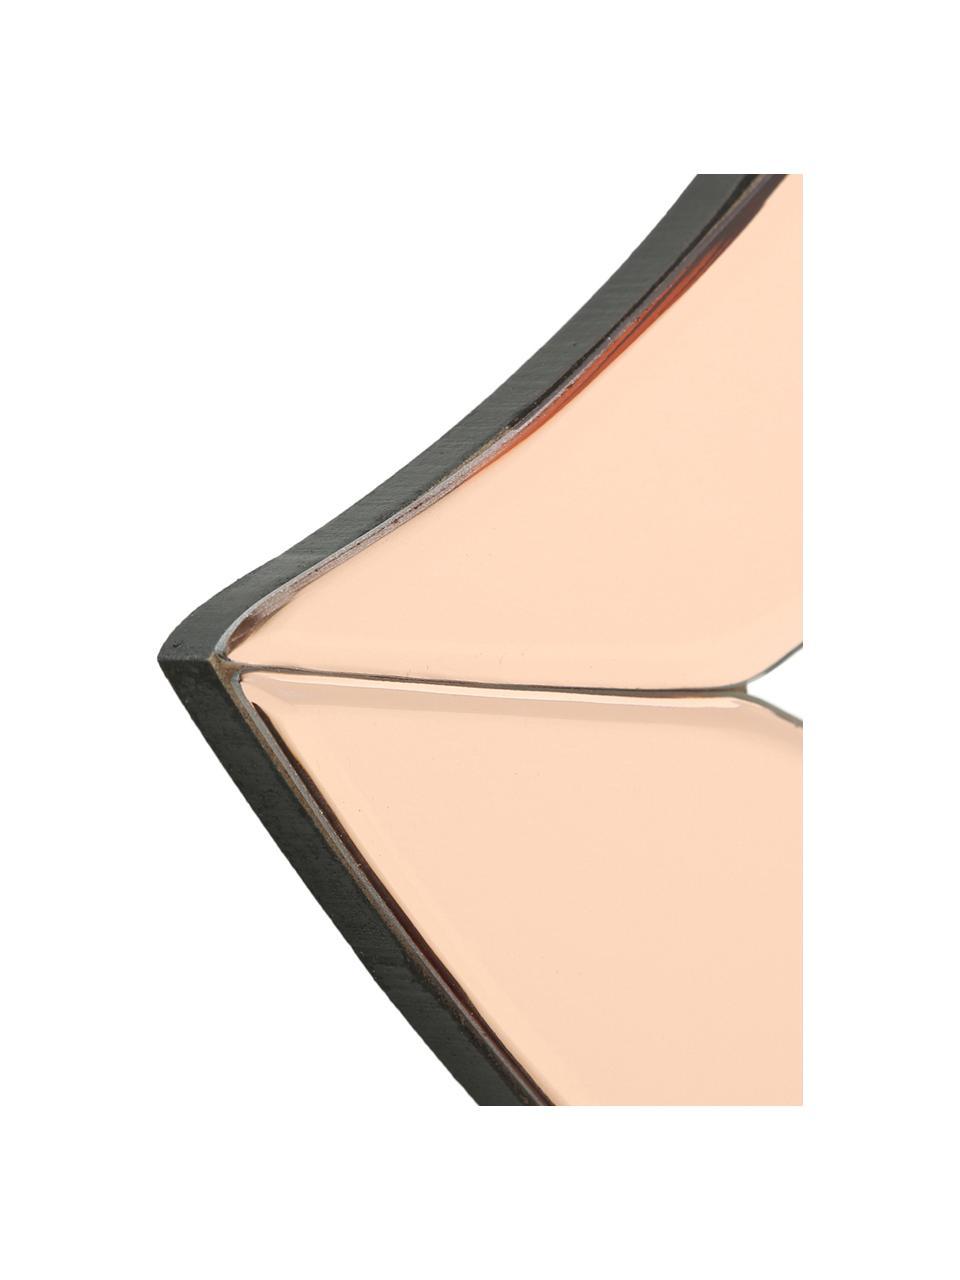 Wandobjekt Heara aus gefärbtem Spiegelglas, Rahmen: Metall, beschichtet, Spiegelfläche: Spiegelglas, gefärbt, Schwarz, Rosa, 40 x 20 cm